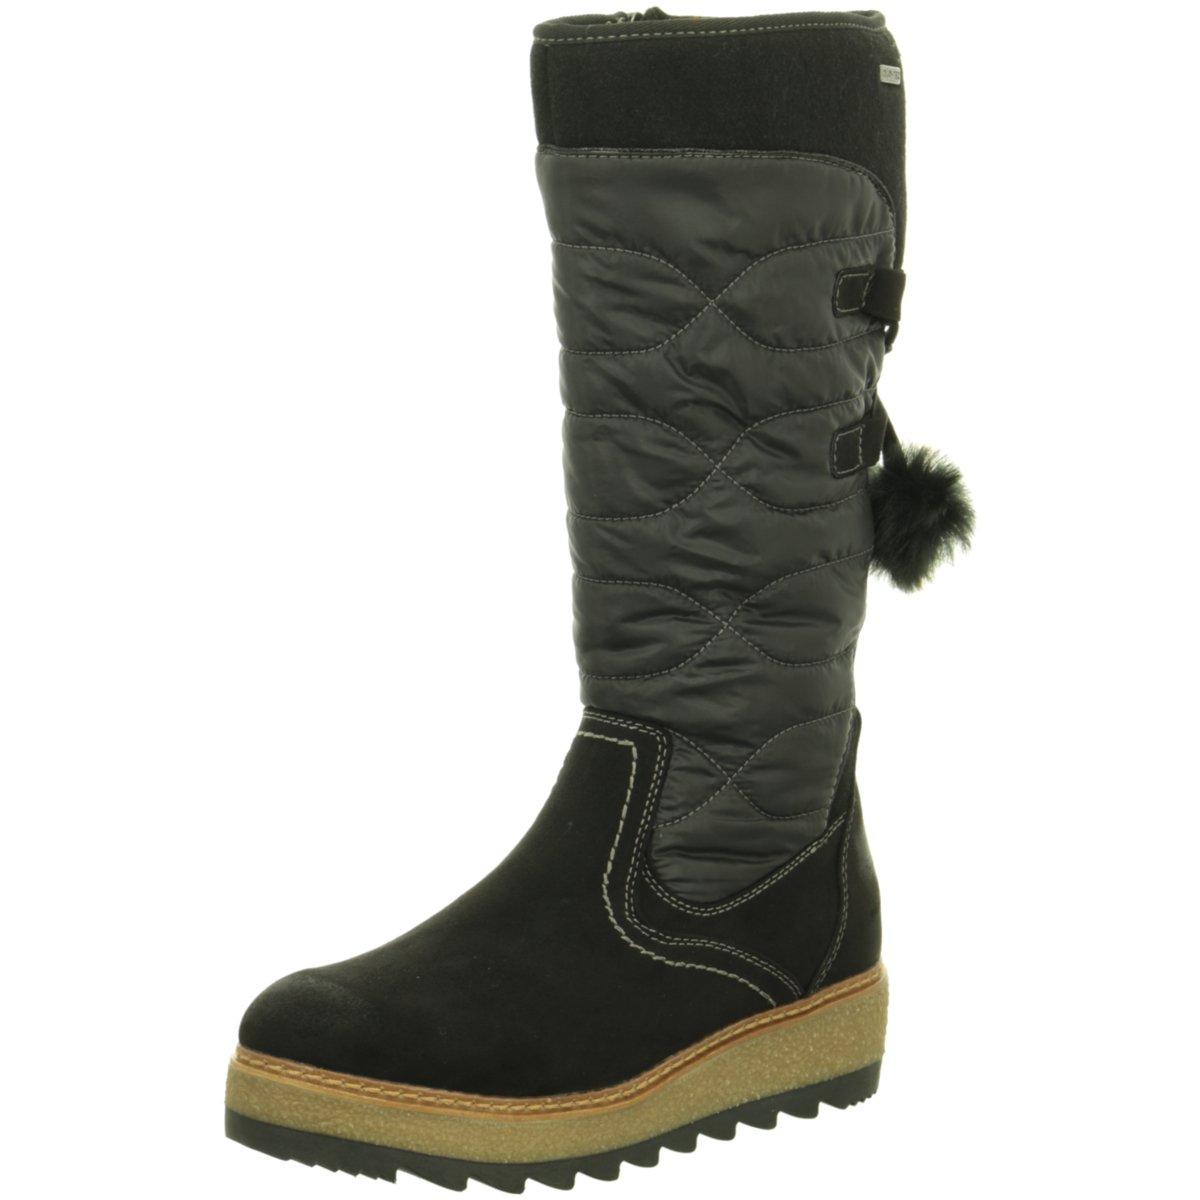 Tamaris Damen Stiefel 1-1-26621-39 098 schwarz 365160     Deutschland Online Shop